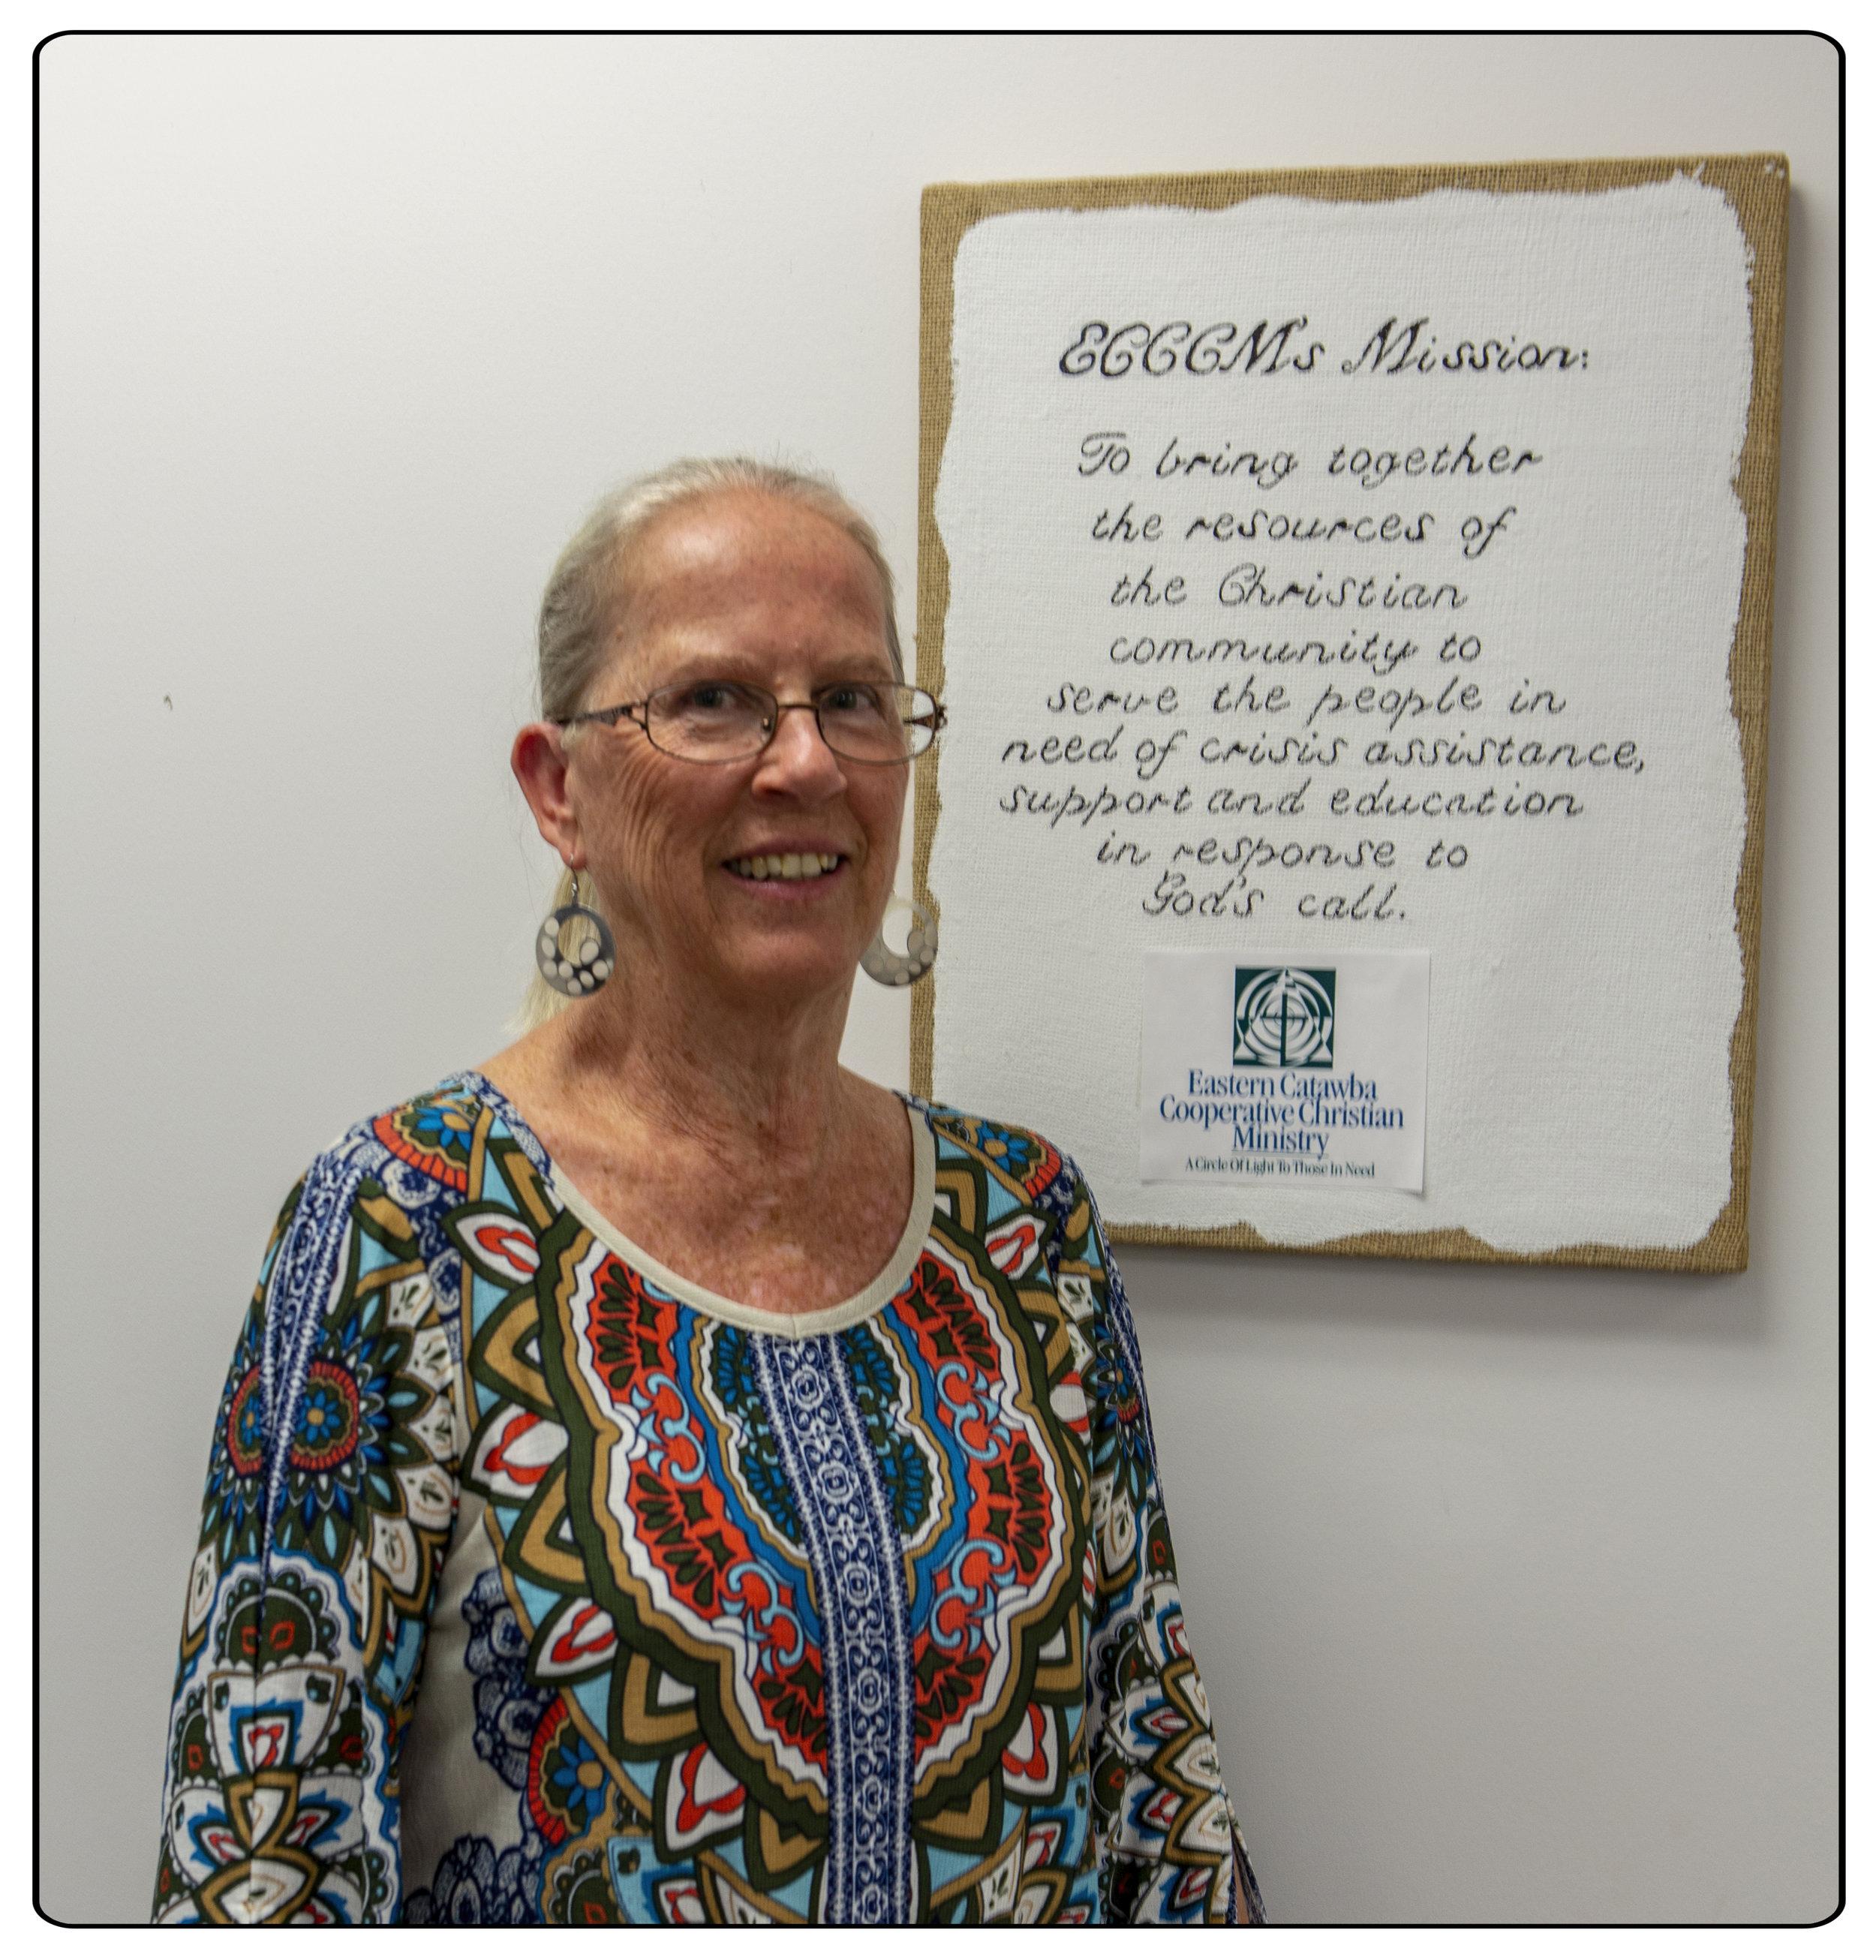 Glenda Burgess - Case Manager